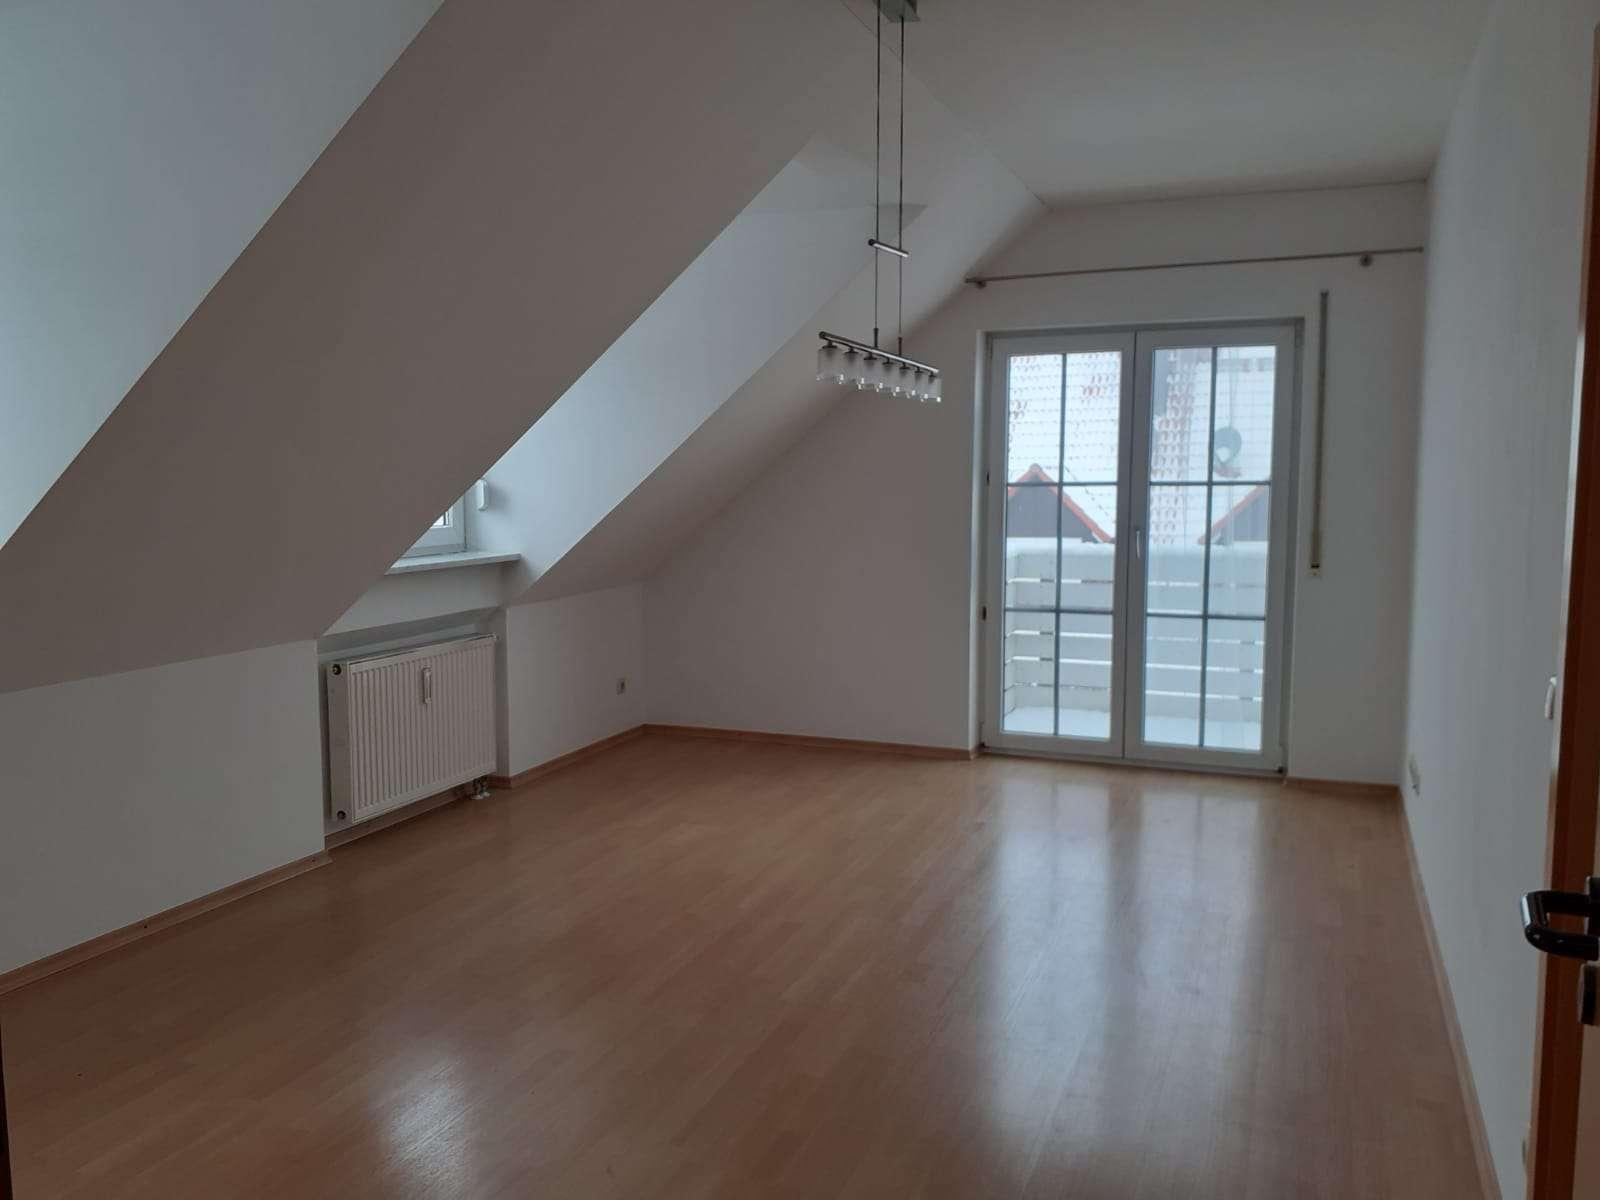 Helle , gepflegte 2-Zimmer-Wohnung mit Balkon und Einbauküche in Niederscheyern in